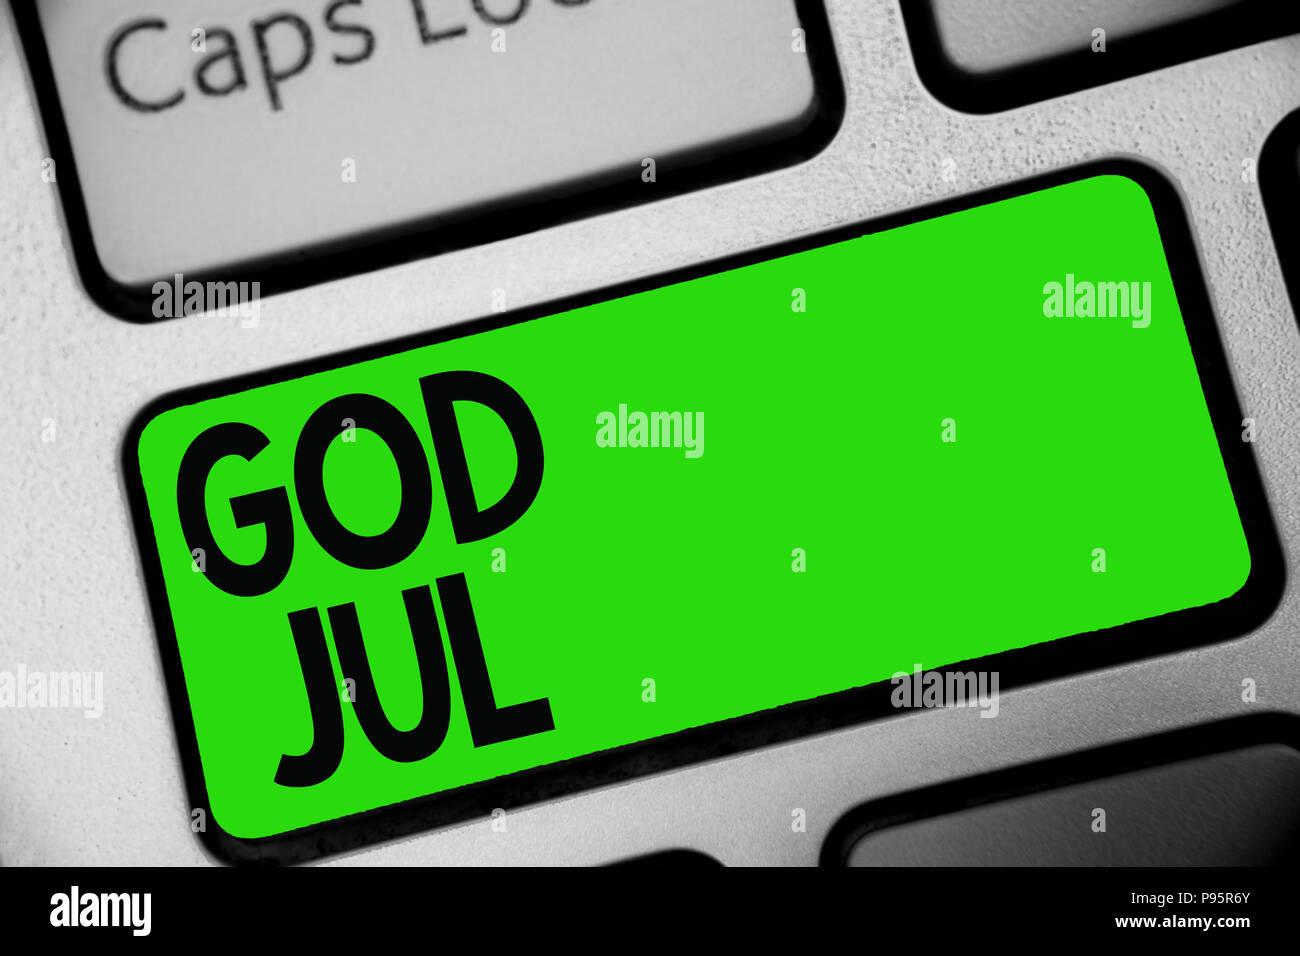 In Diesem Sinne Frohe Weihnachten.Handschrift Text Gott Jan Konzept Sinn Frohe Weihnachten Gruß